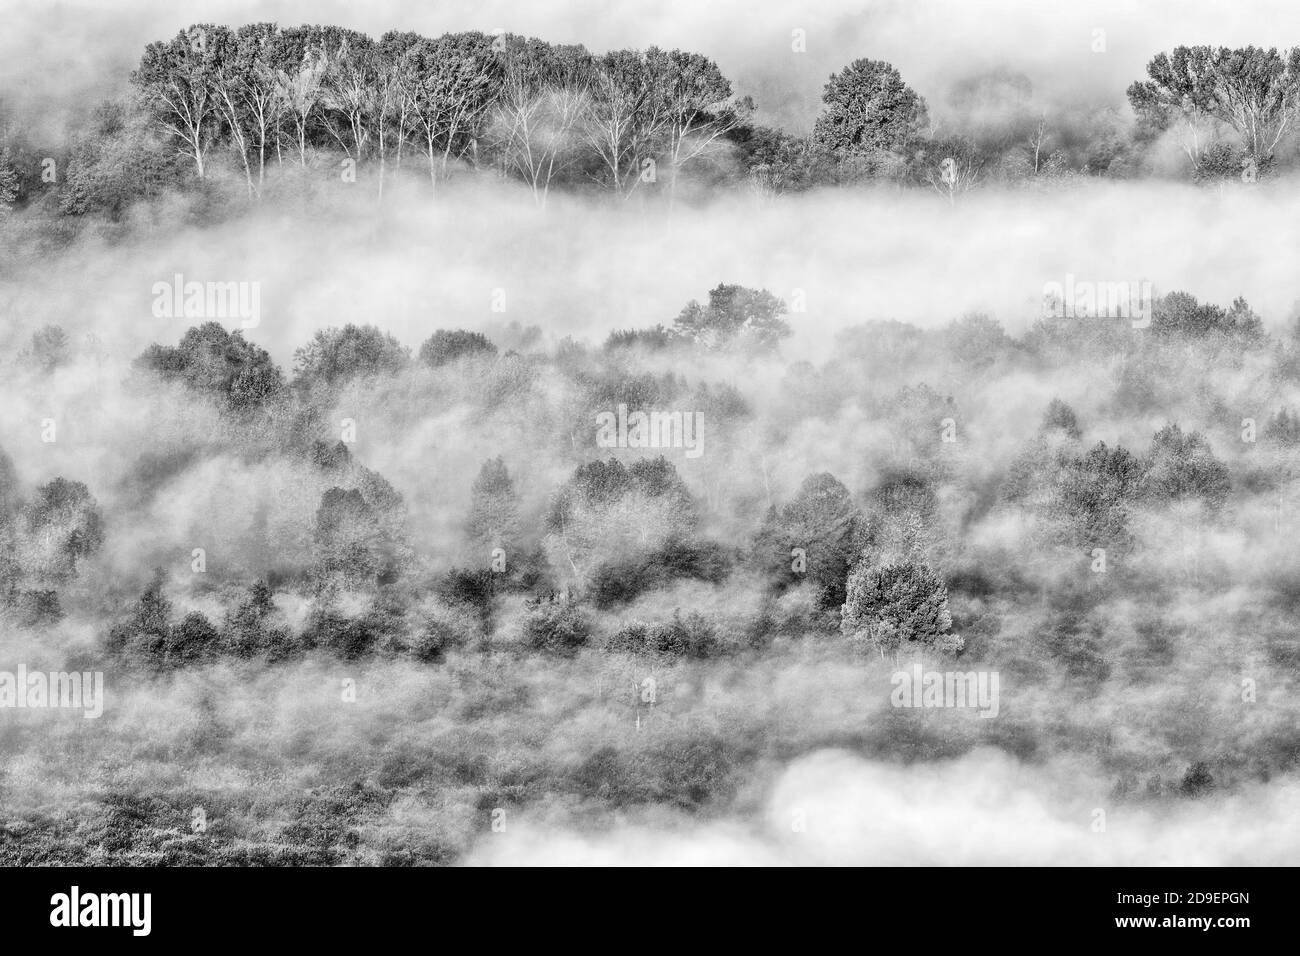 Paisaje otoñal con niebla, fotografía en blanco y negro Foto de stock